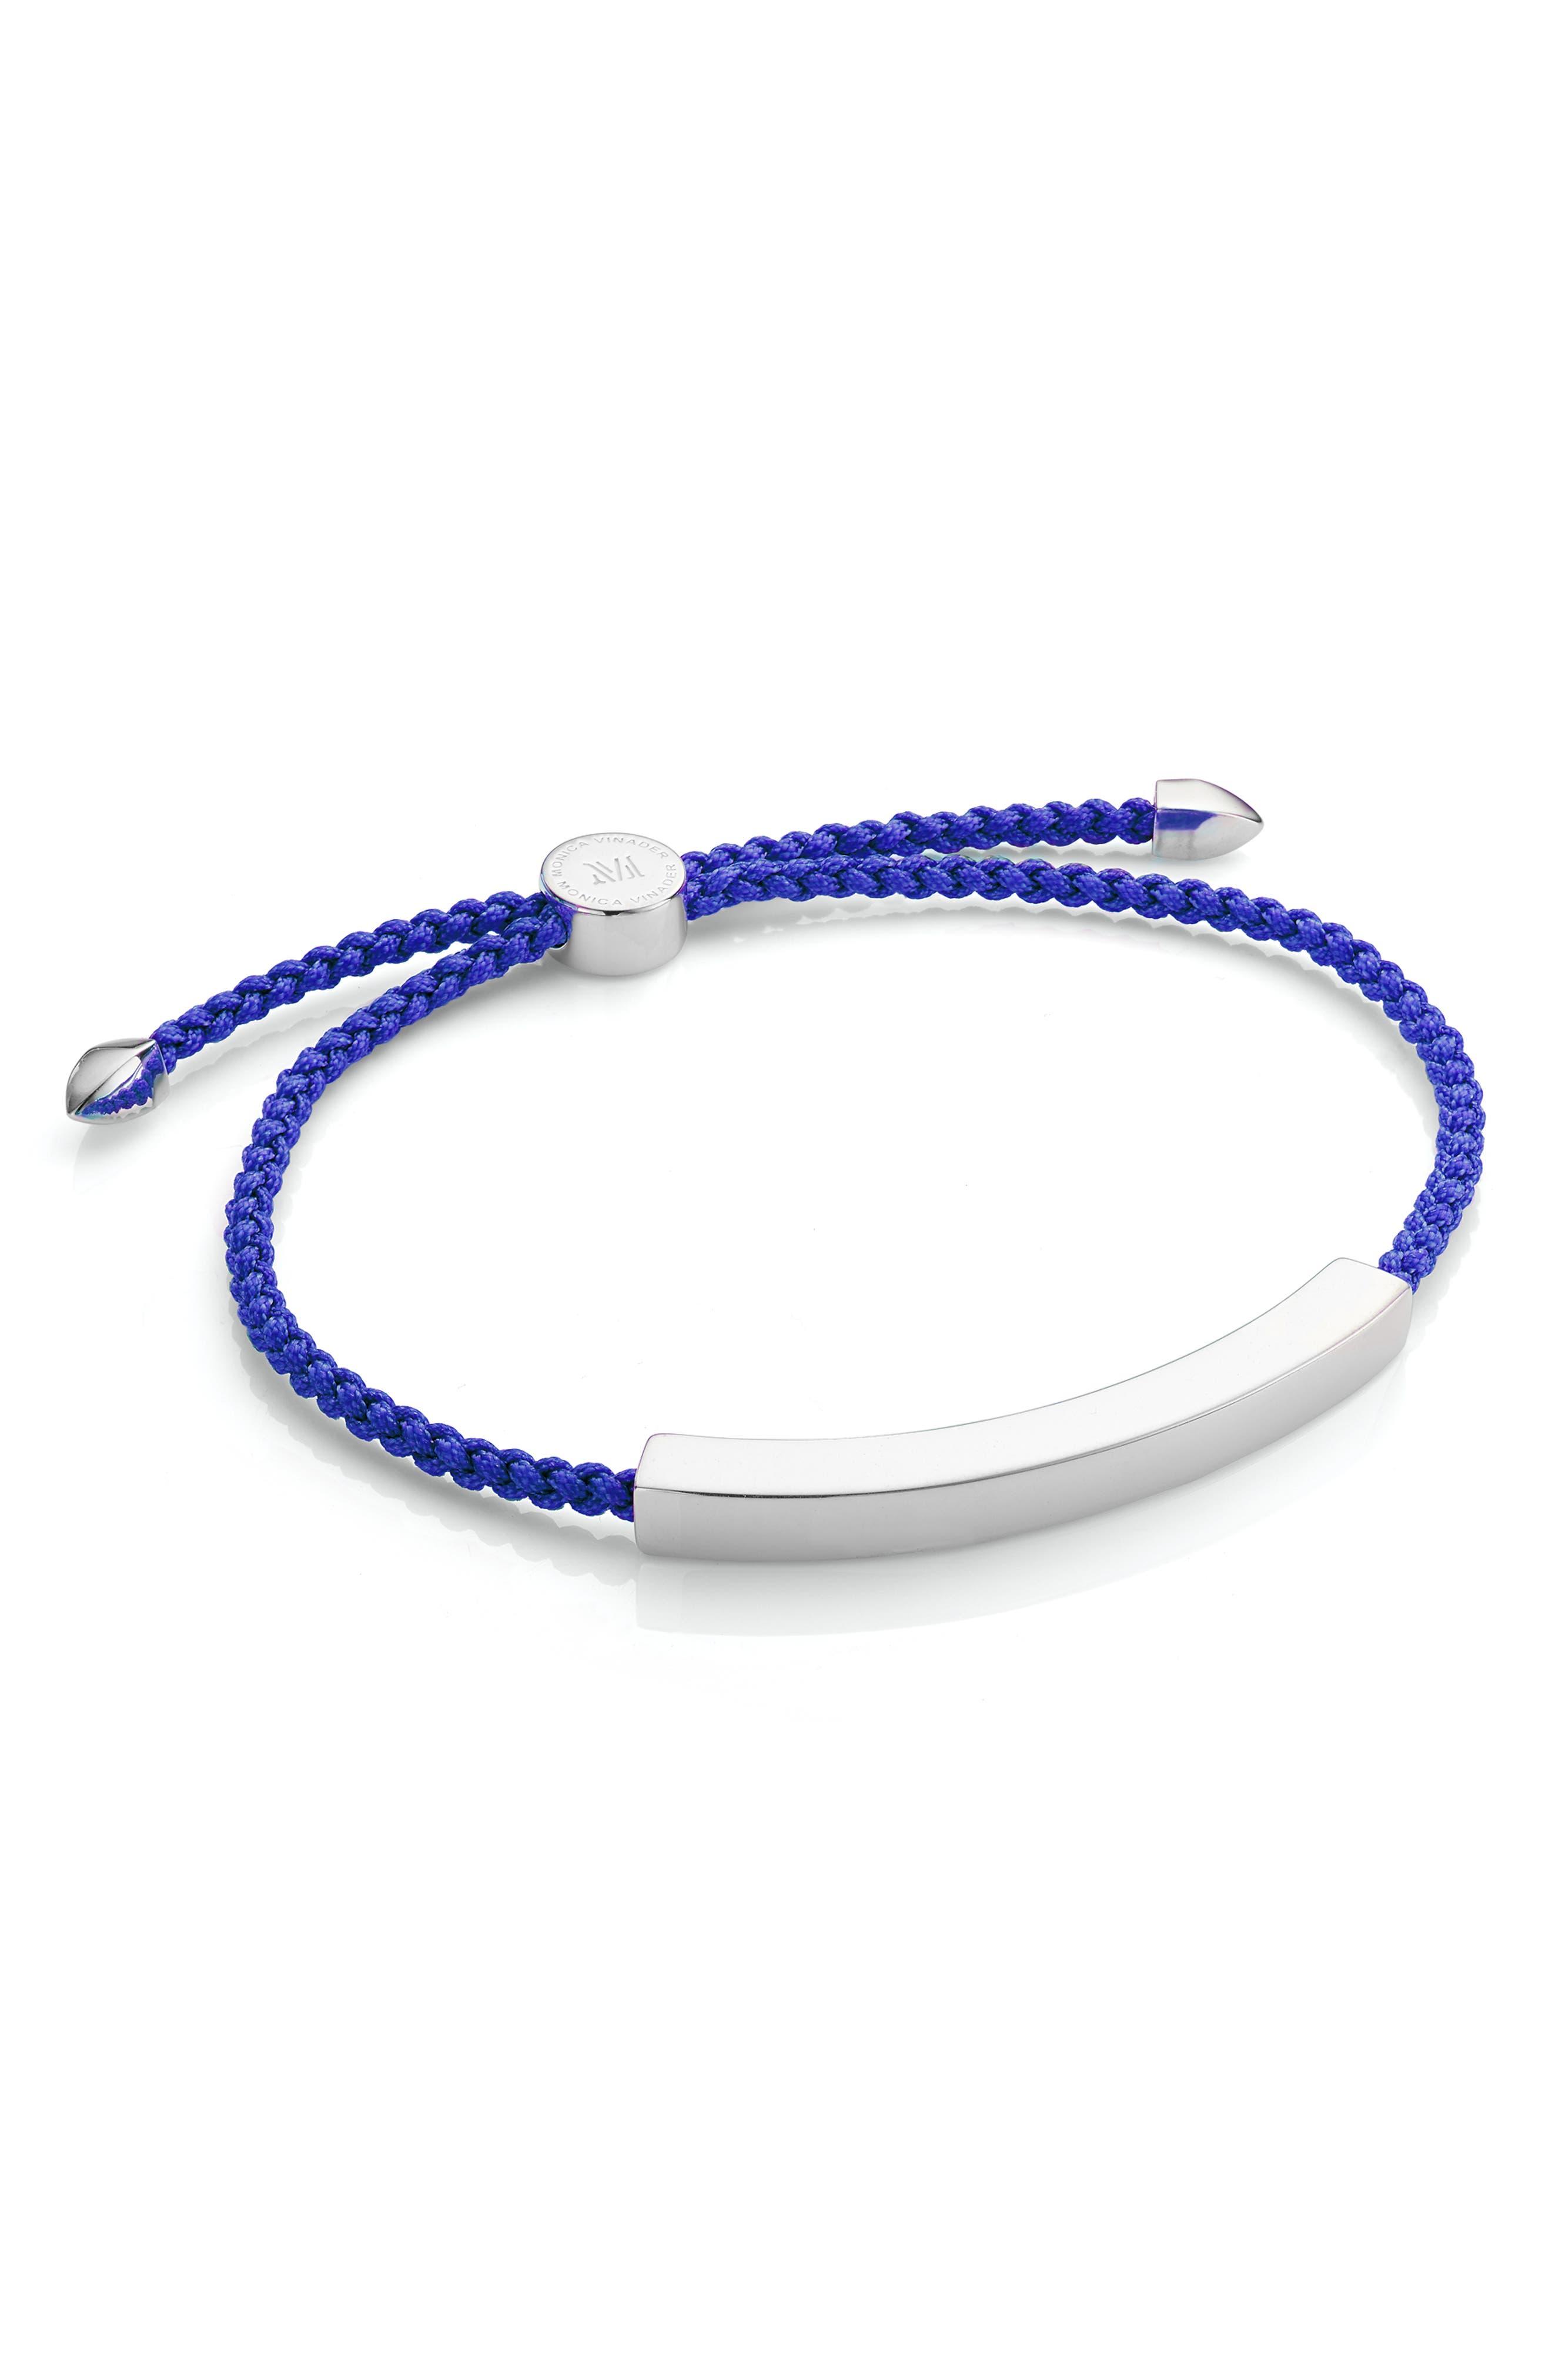 Engravable Men's Friendship Bracelet,                             Main thumbnail 1, color,                             Silver/ Majorelle Blue